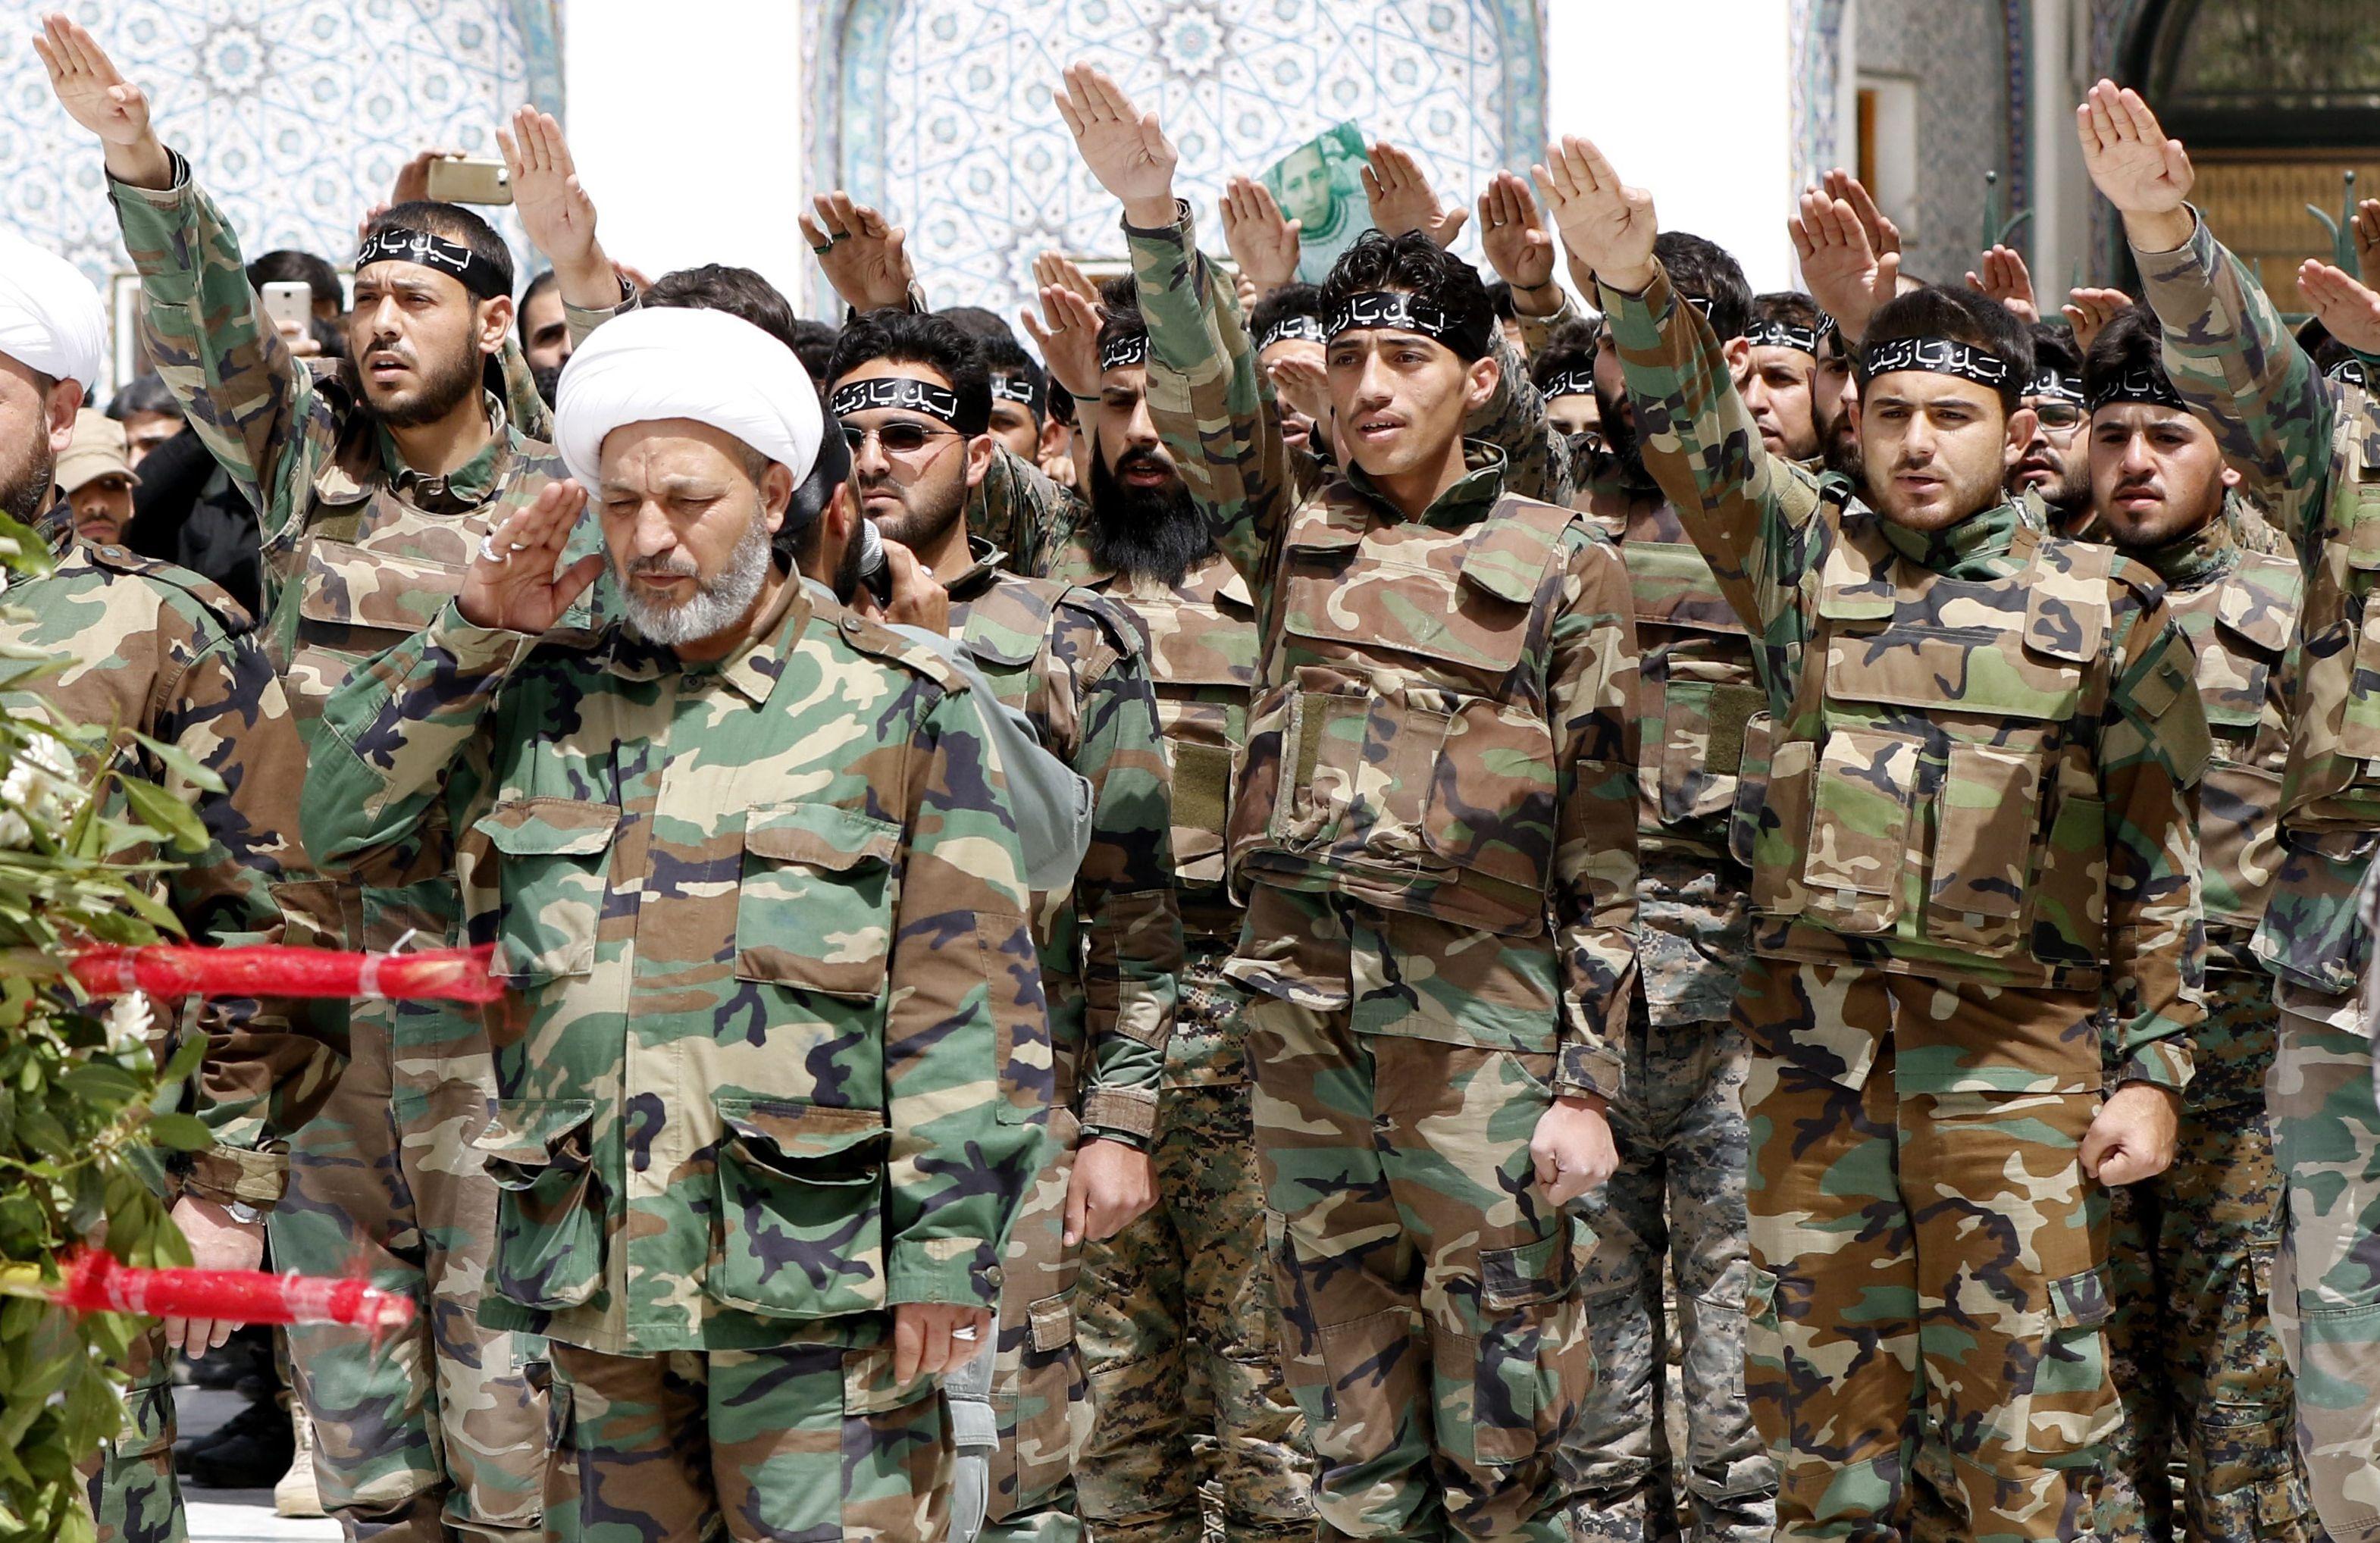 القوات والميليشيات الشيعية وأعمالها العسكرية في سورية